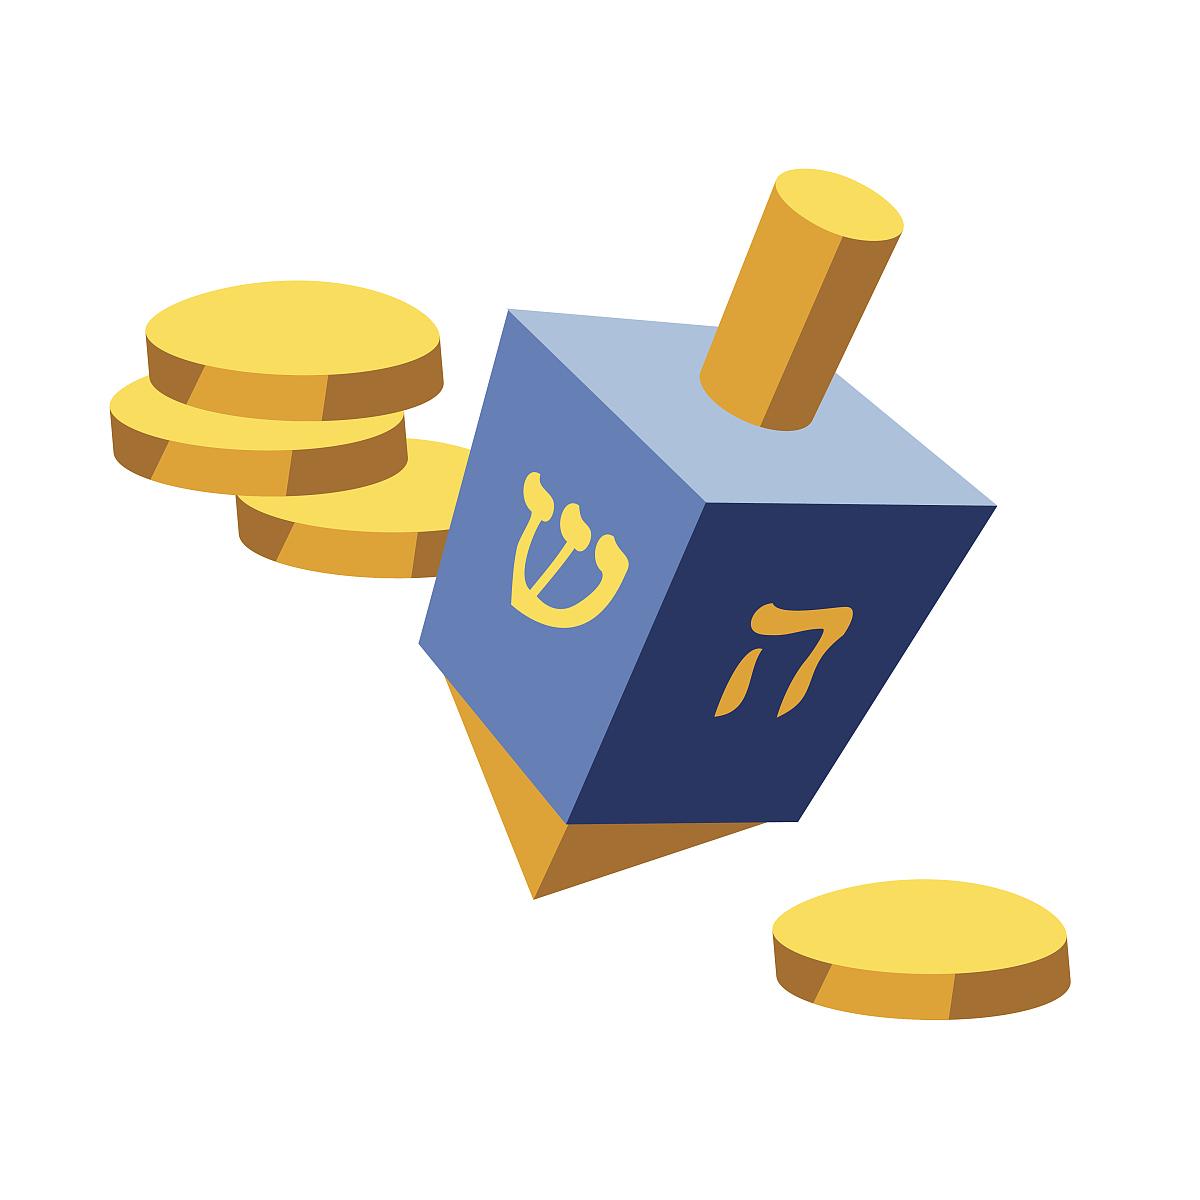 声)   鈨 拼音: hā bā kī, 笔划: 12   金元两个字合在一起读什么   :